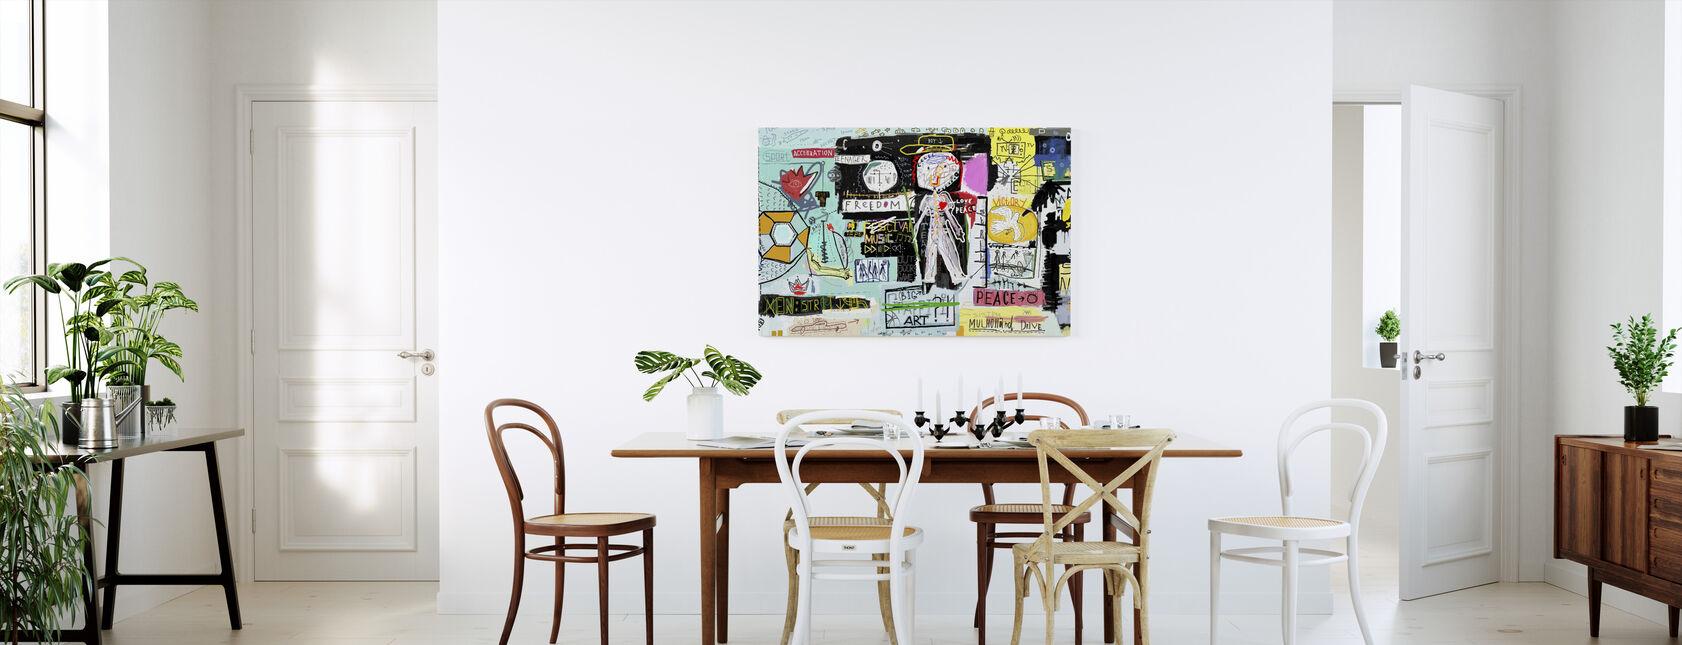 Accélération Liberté Drive - Impression sur toile - Cuisine